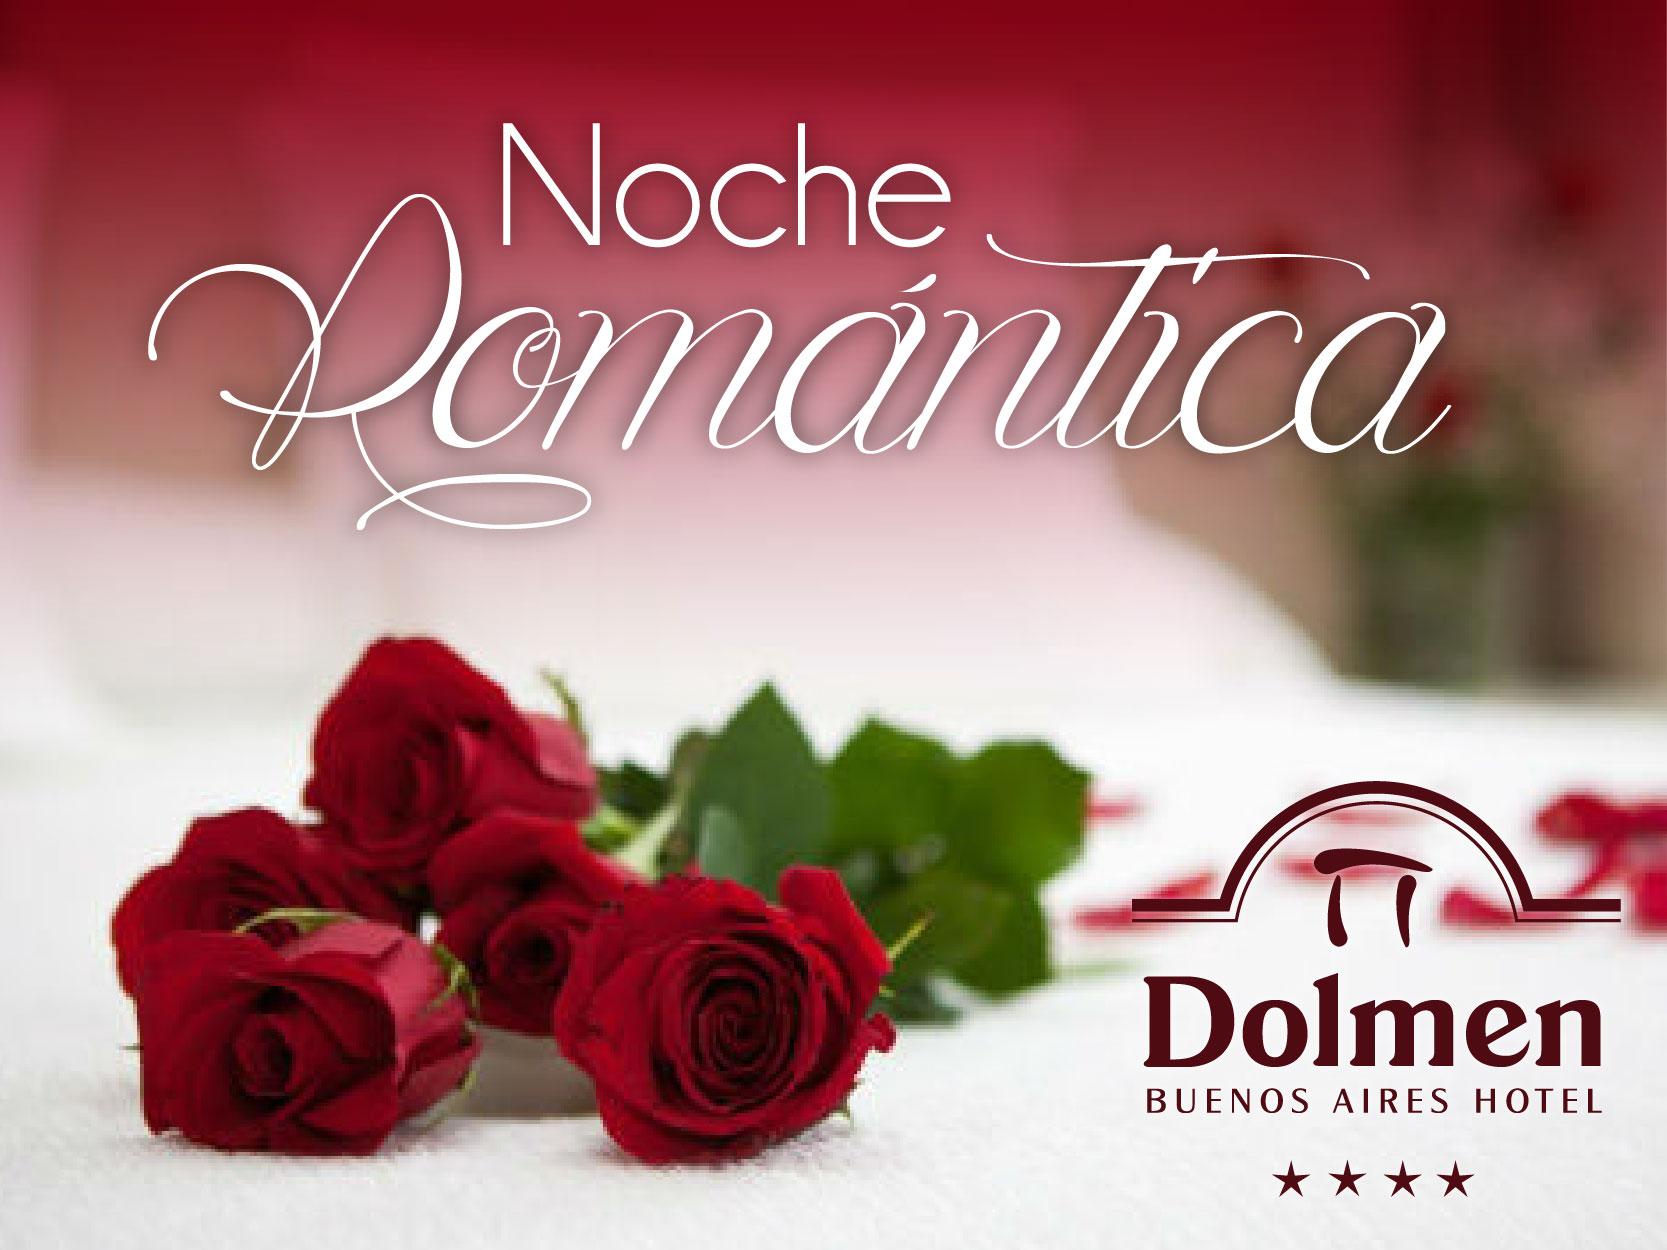 Noche romantica gallery - Noche romantica en casa ideas ...